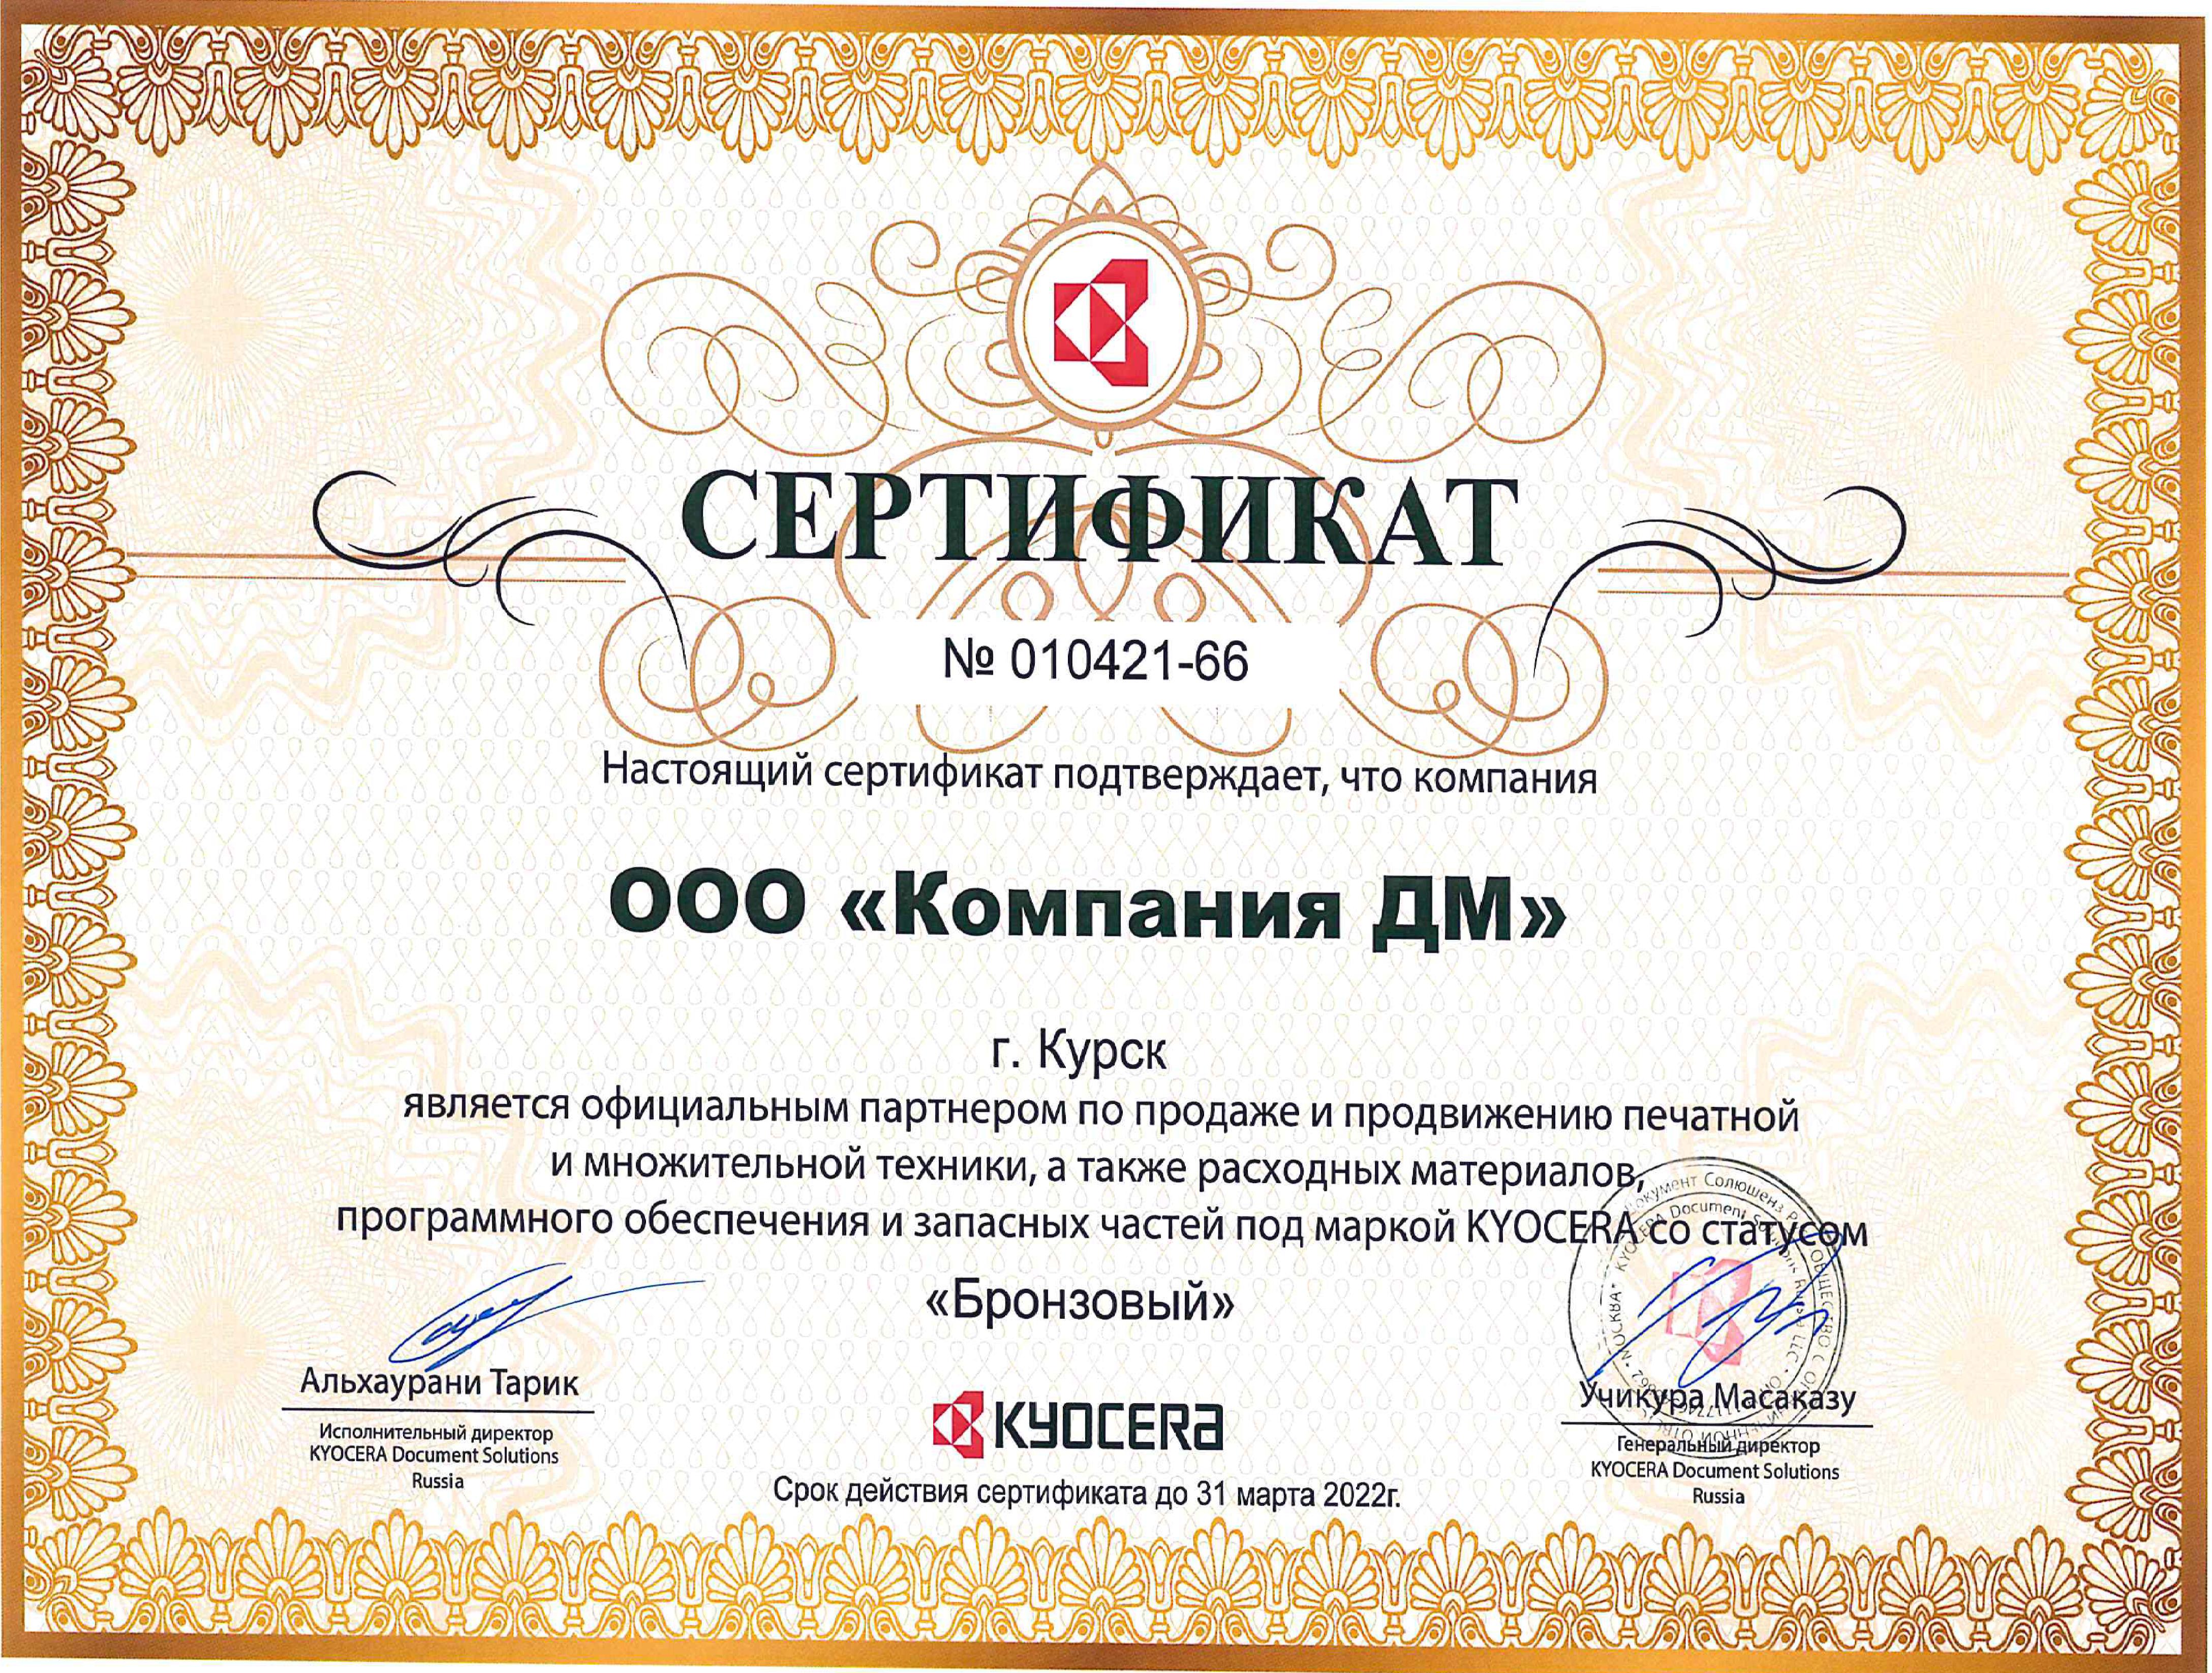 Компания ДМ Бронзовый партнер Kyocera в 2021г.